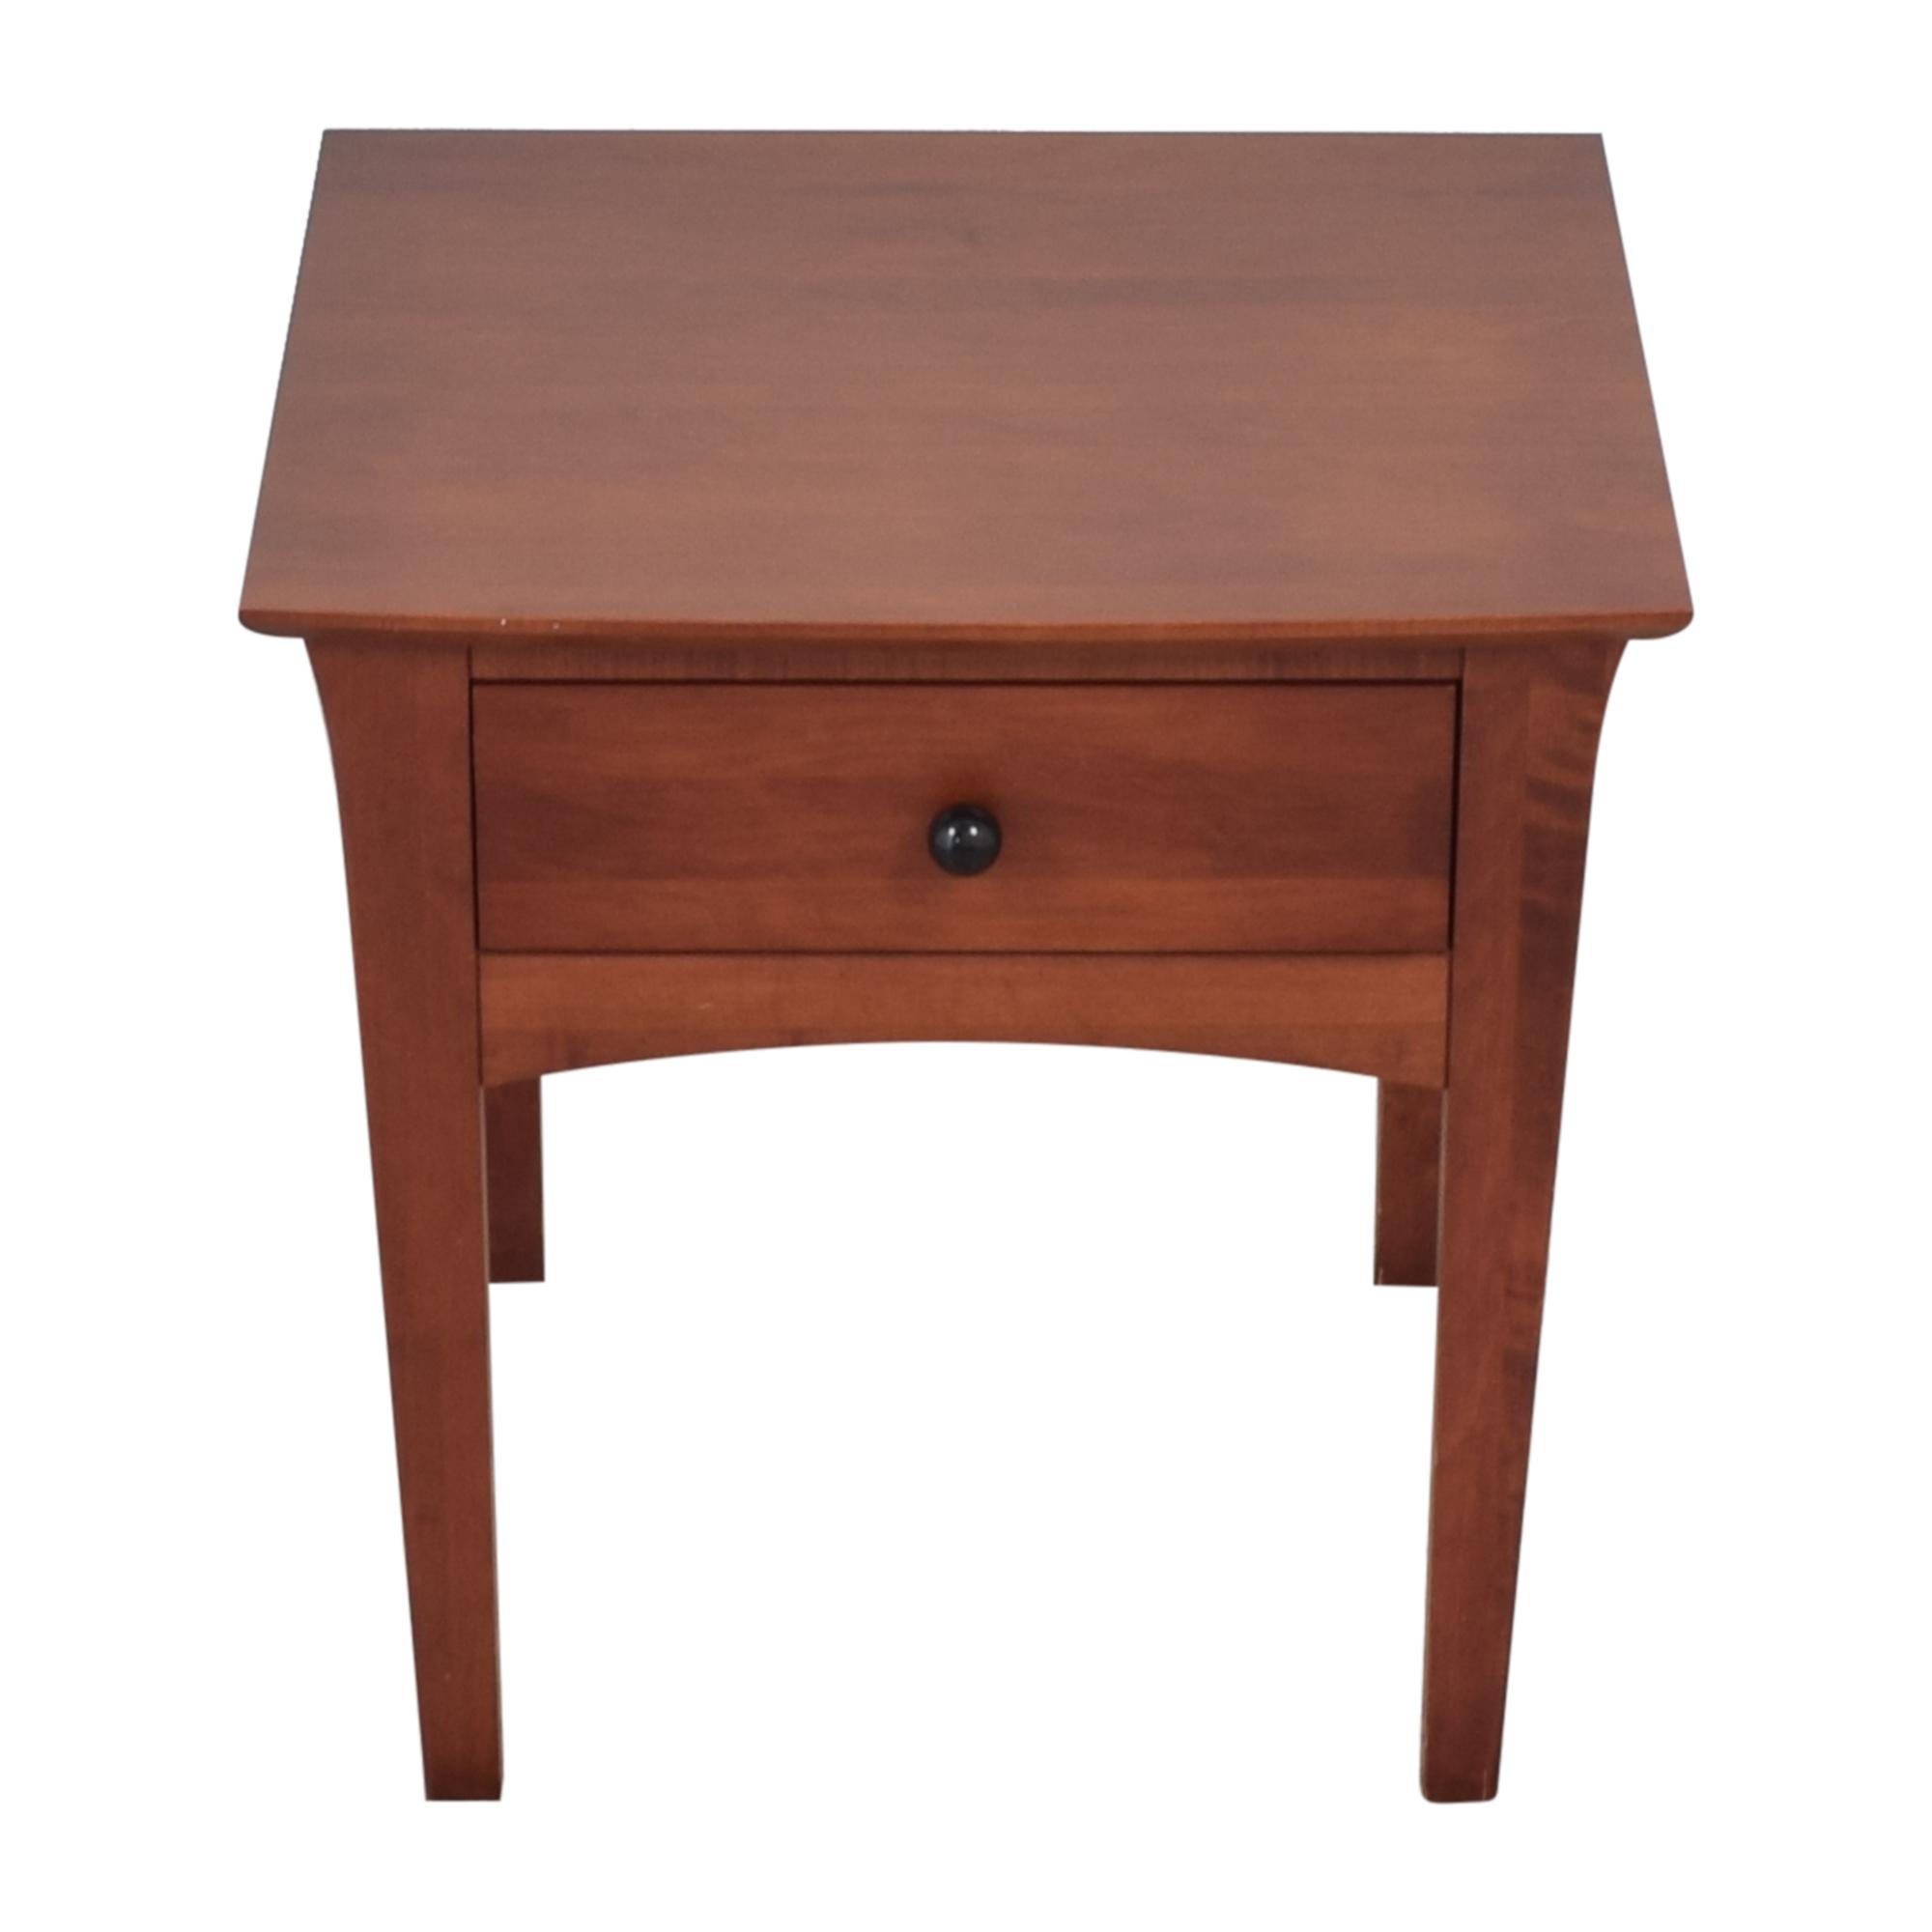 Baronet Baronet End Table pa